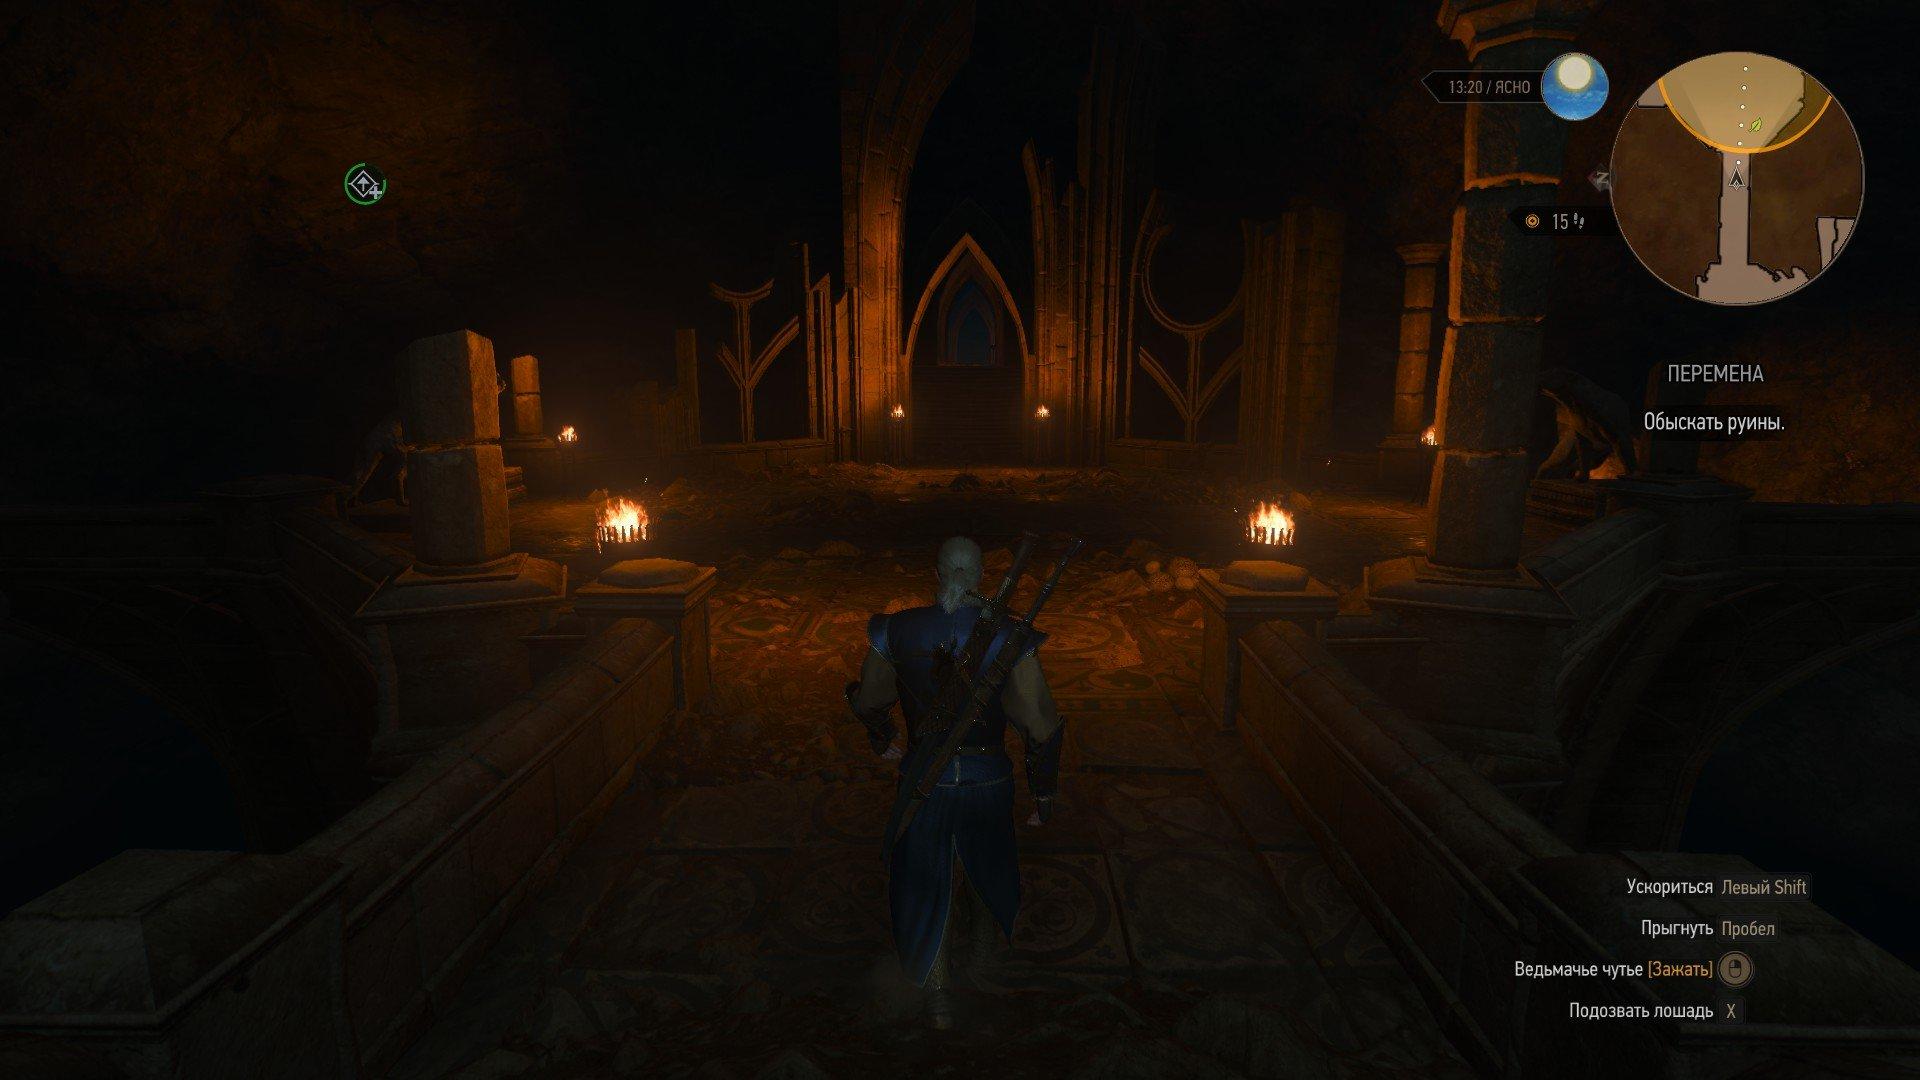 Вопль-прохождение Witcher 3: Кровь и Вино ... НАЧАЛО [ВНИМАНИЕ, ВОЗМОЖНЫ СПОЙЛЕРЫ] - Изображение 27